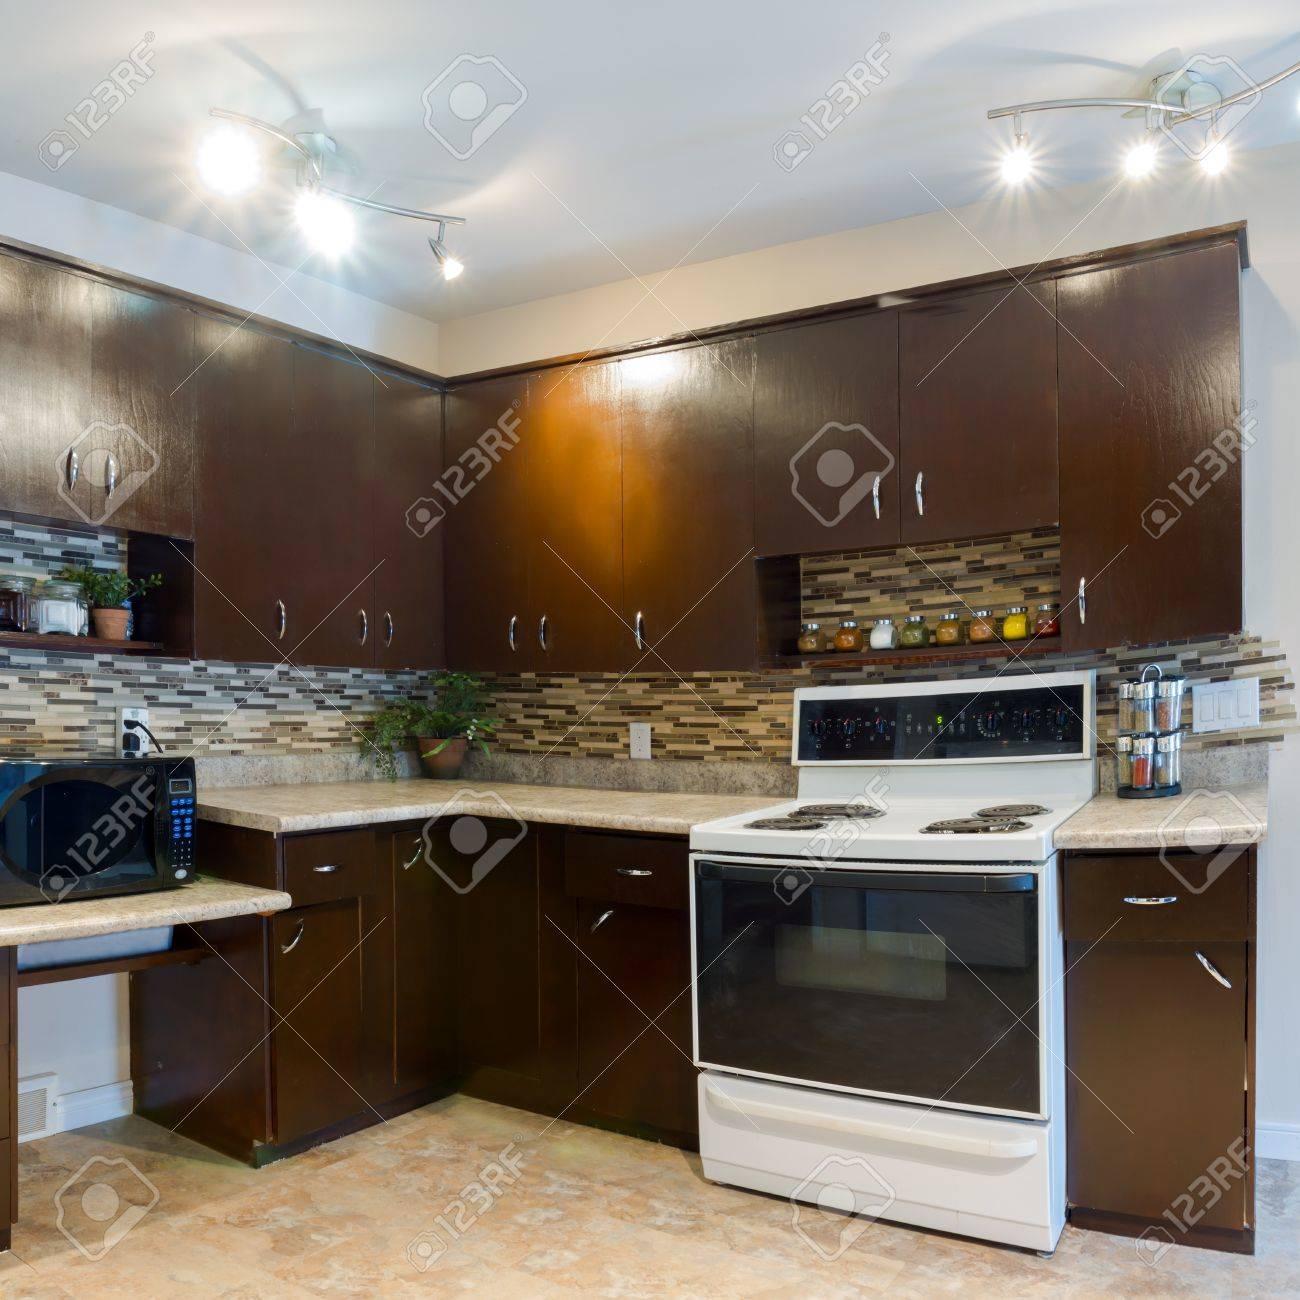 Interior Design Der Modernen Küche Und Wohnzimmer In Ein Neues Haus ...